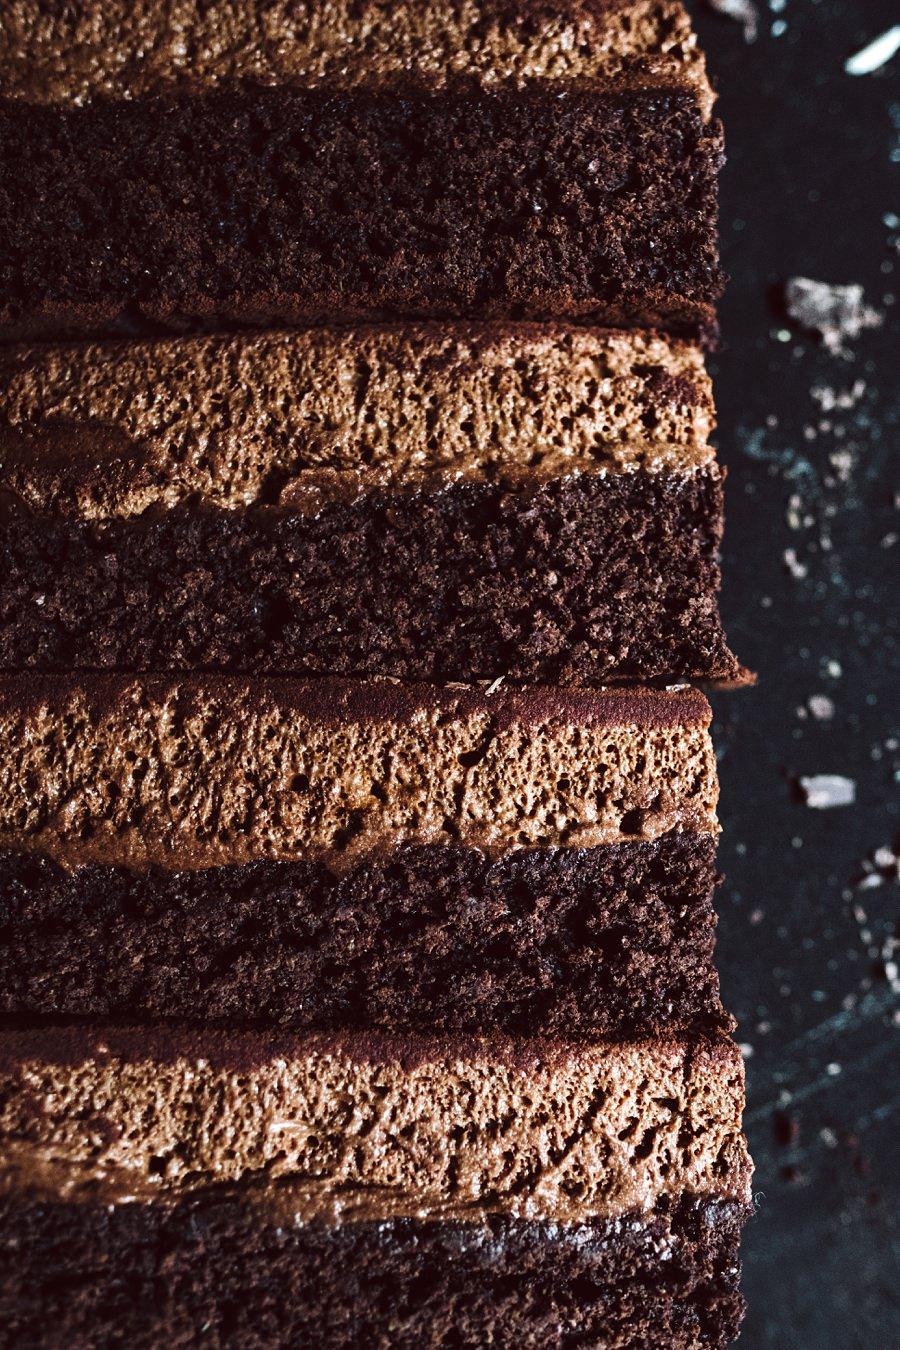 mousse-au-chocolat-cake-08.jpg